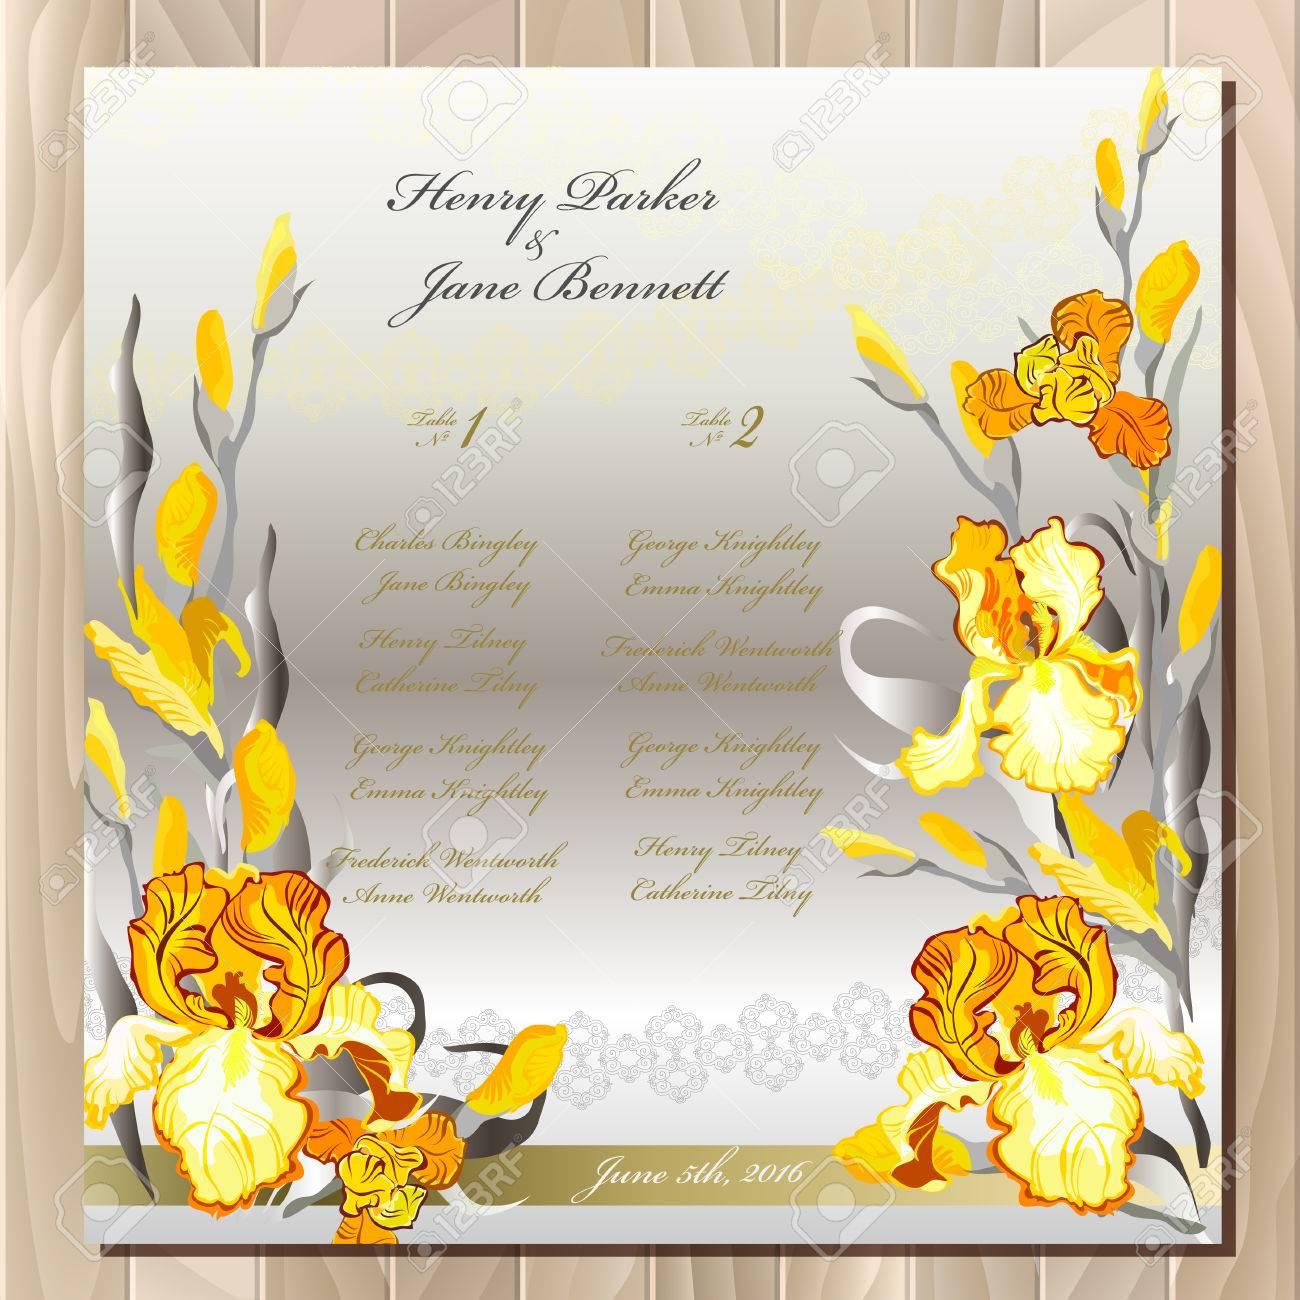 Atemberaubend Hochzeit Tabellenvorlagen Bilder - Entry Level Resume ...